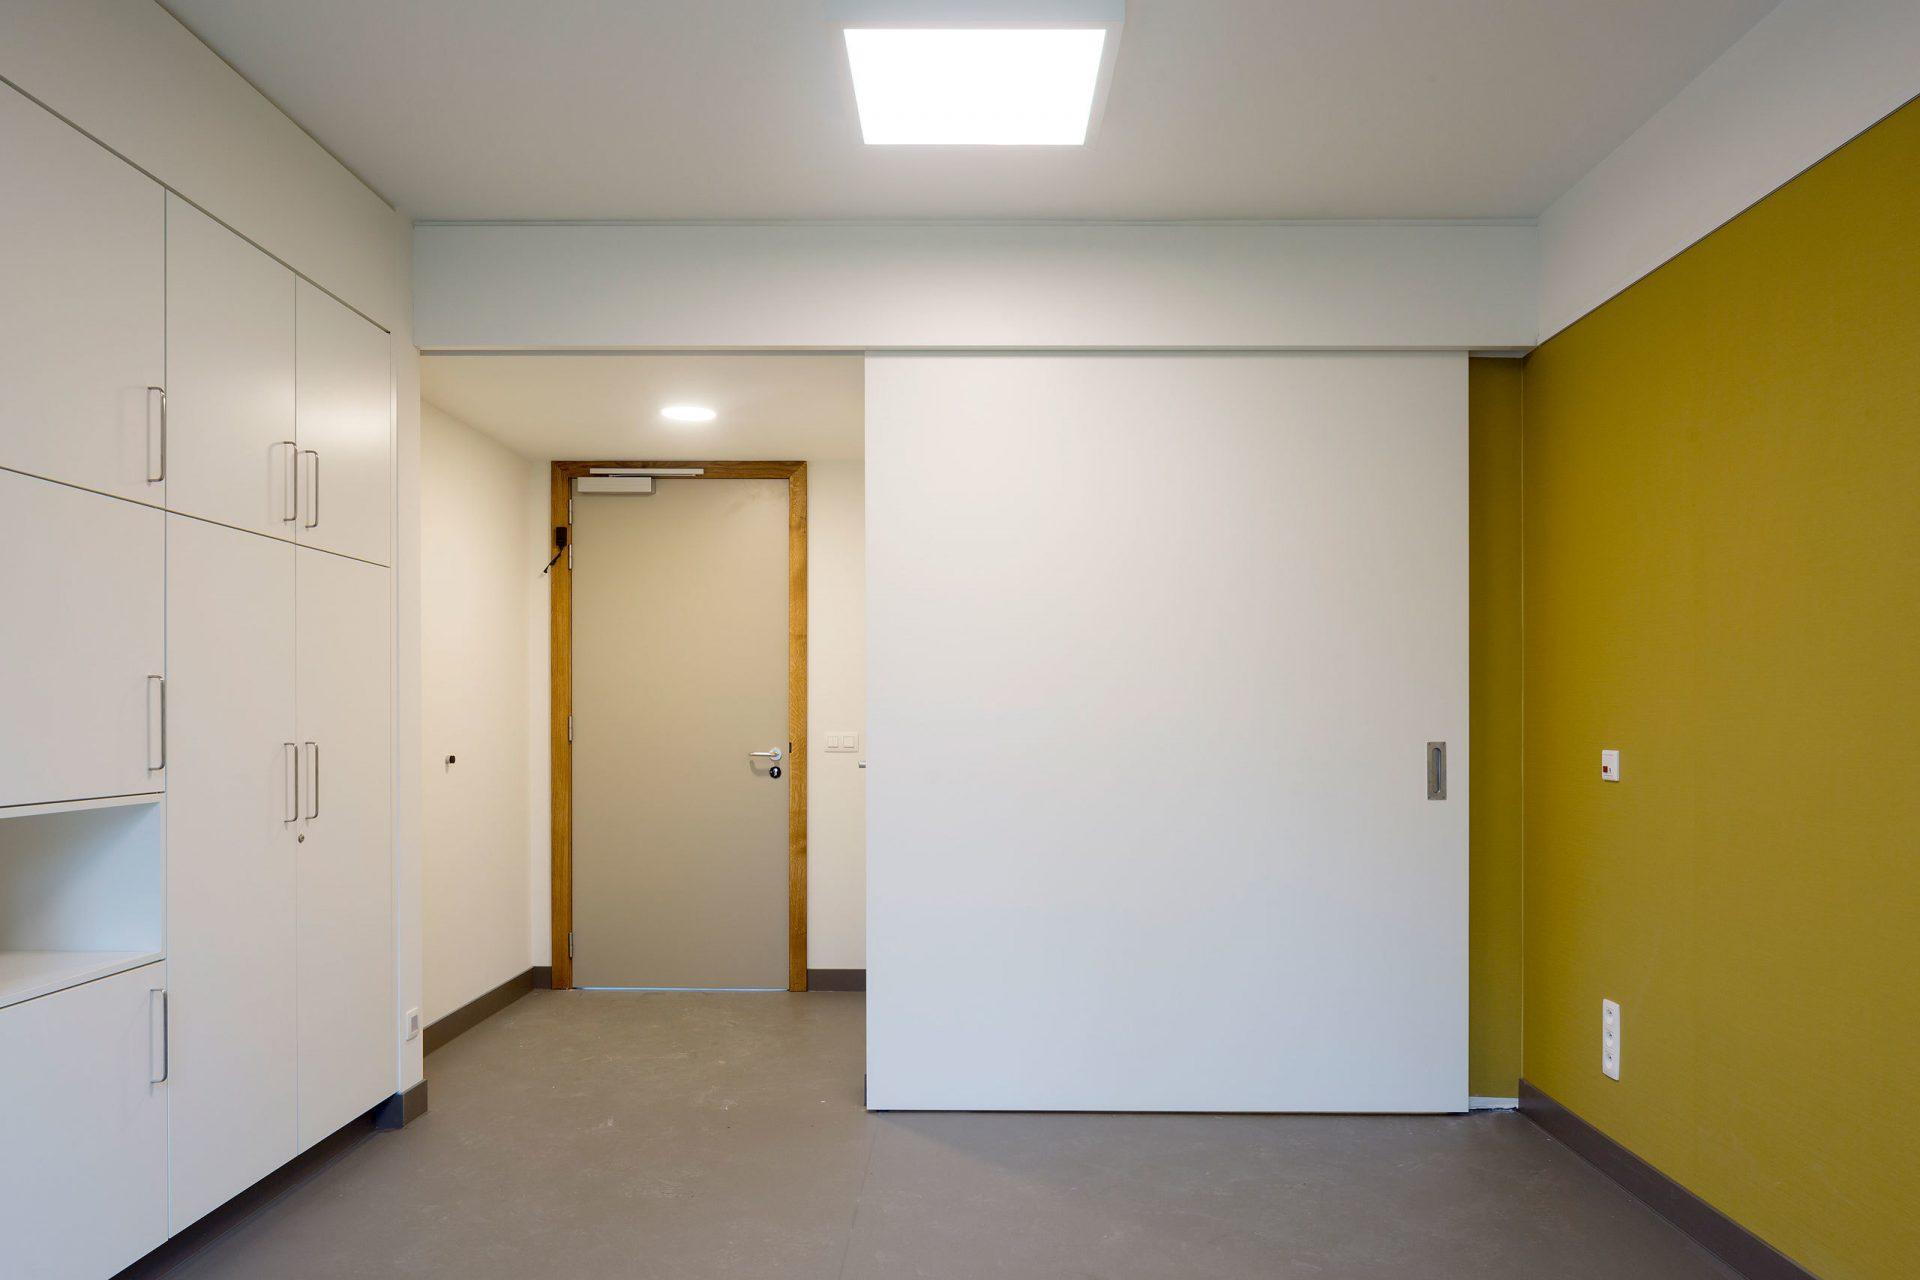 Machelen Room Door Closed